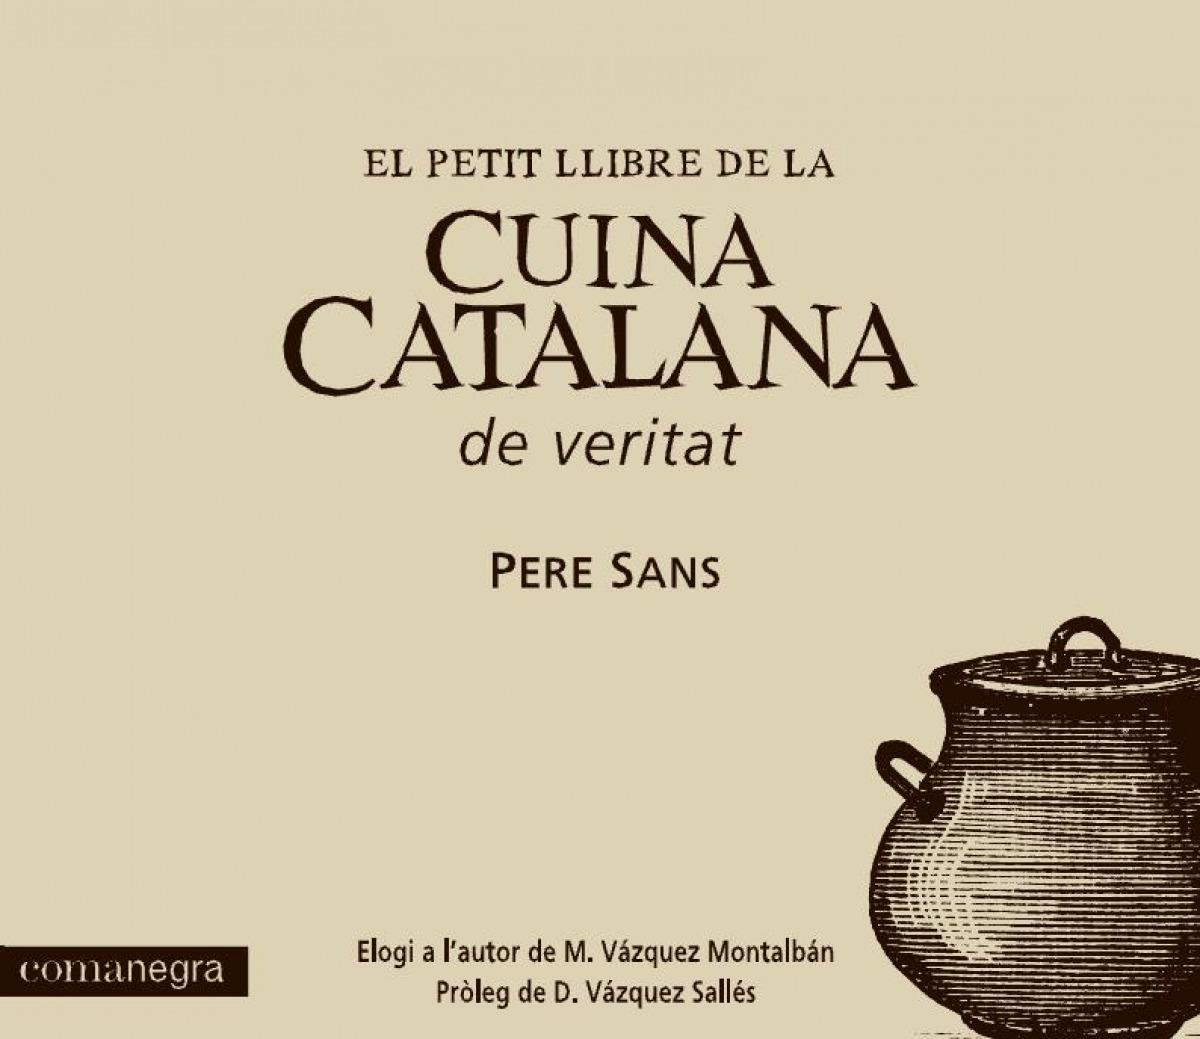 El petit llibre de la cuina catalana de veritat